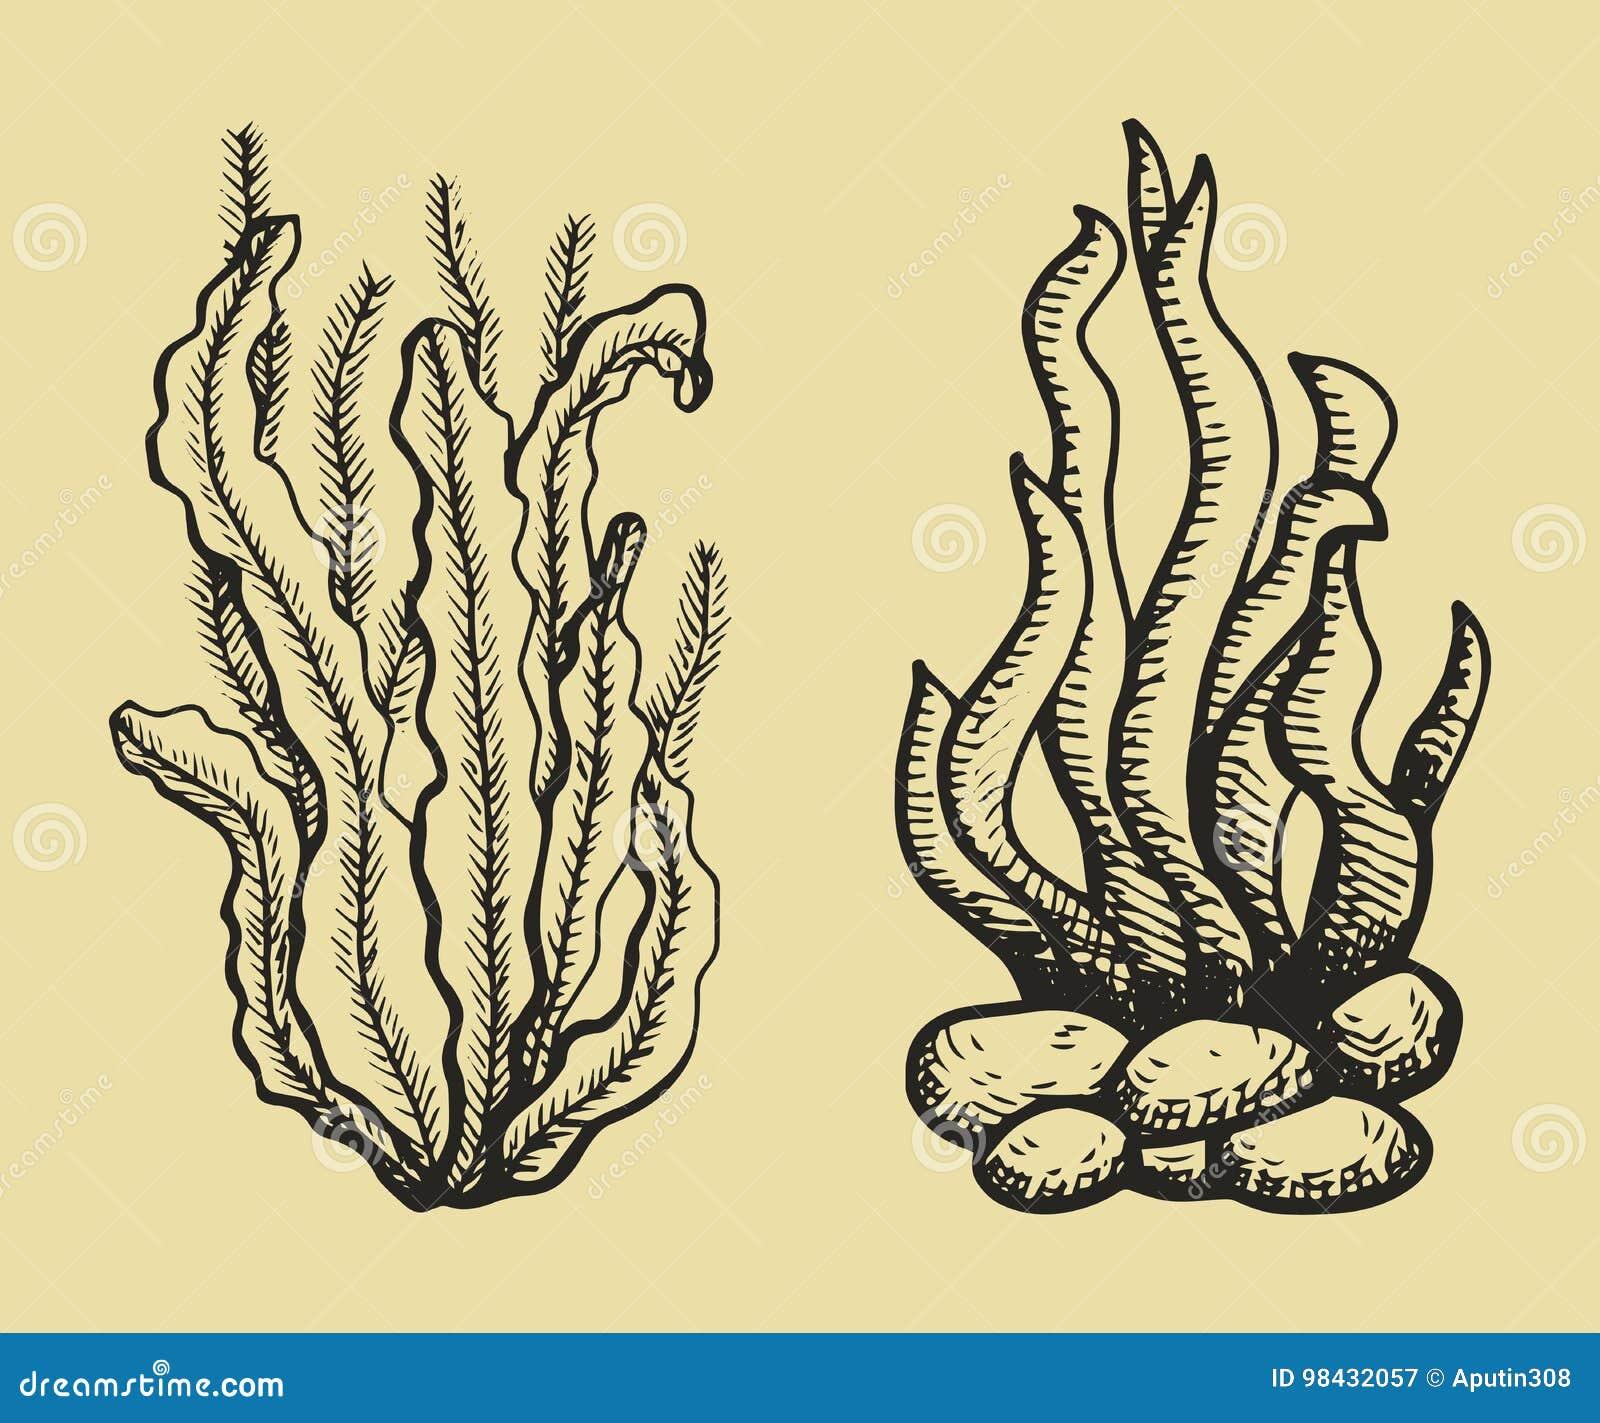 Schizzo Di Vettore Delle Alghe Illustrazione Del Disegno Della Mano